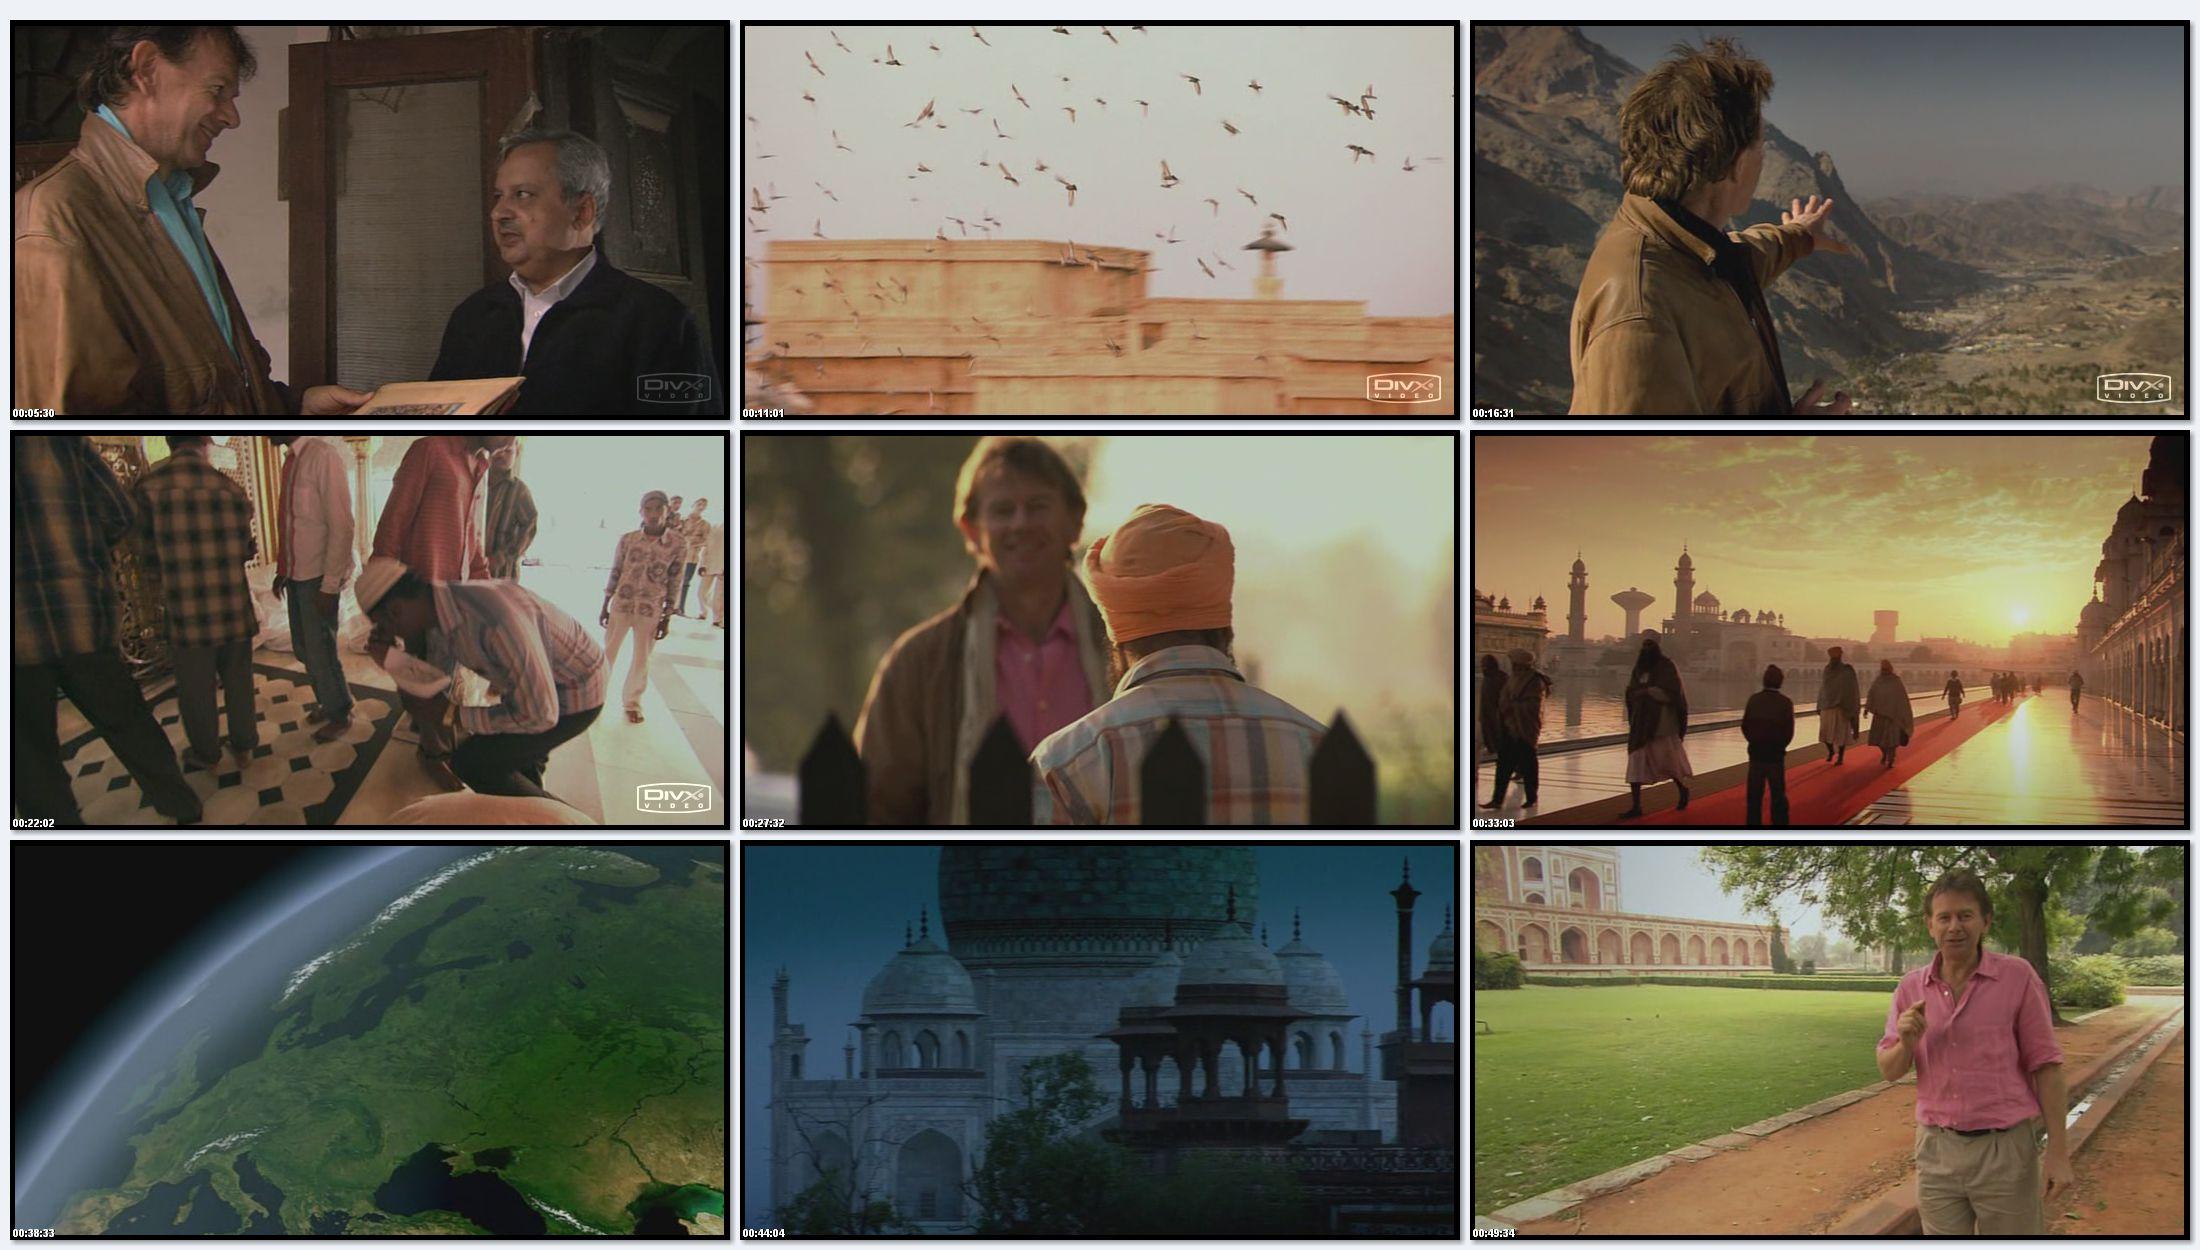 ВВС: Индия с Майклом Вудом. Встреча двух океанов (фильм 5) / BBC: The Story of India with Michael Wood (2007)